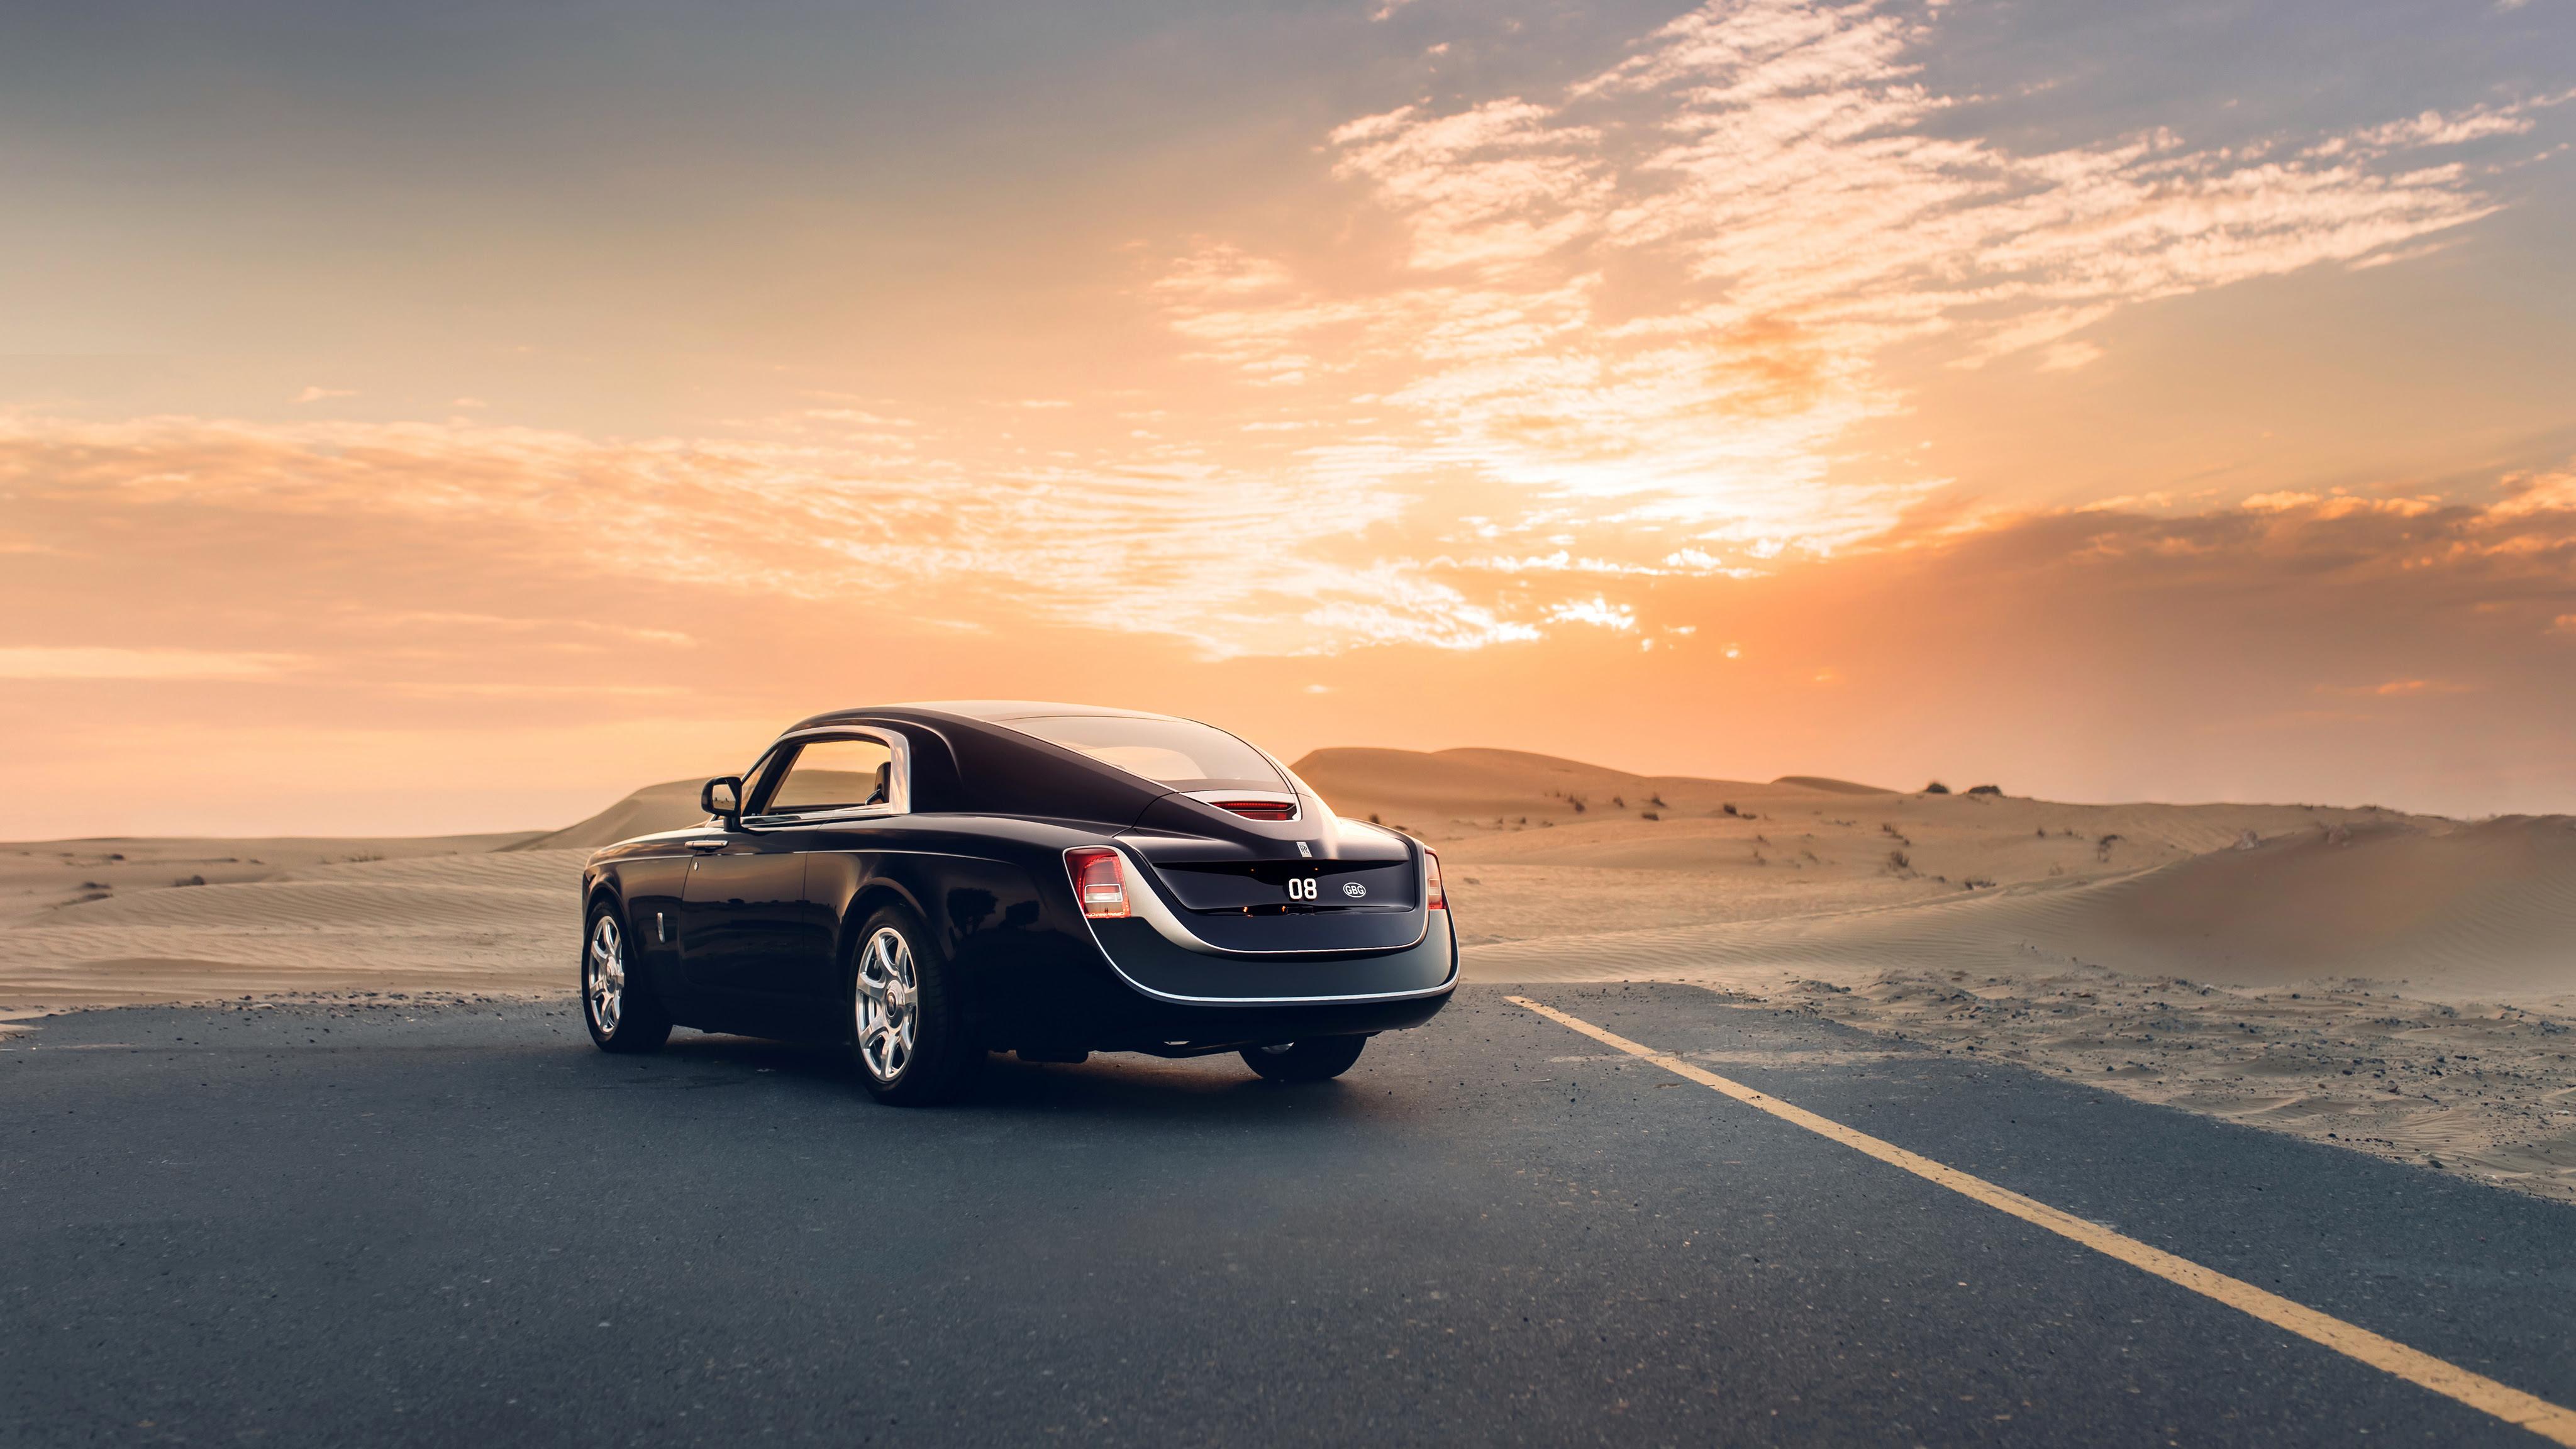 Rolls Royce Sweptail 4K Wallpaper   HD Car Wallpapers   ID ...